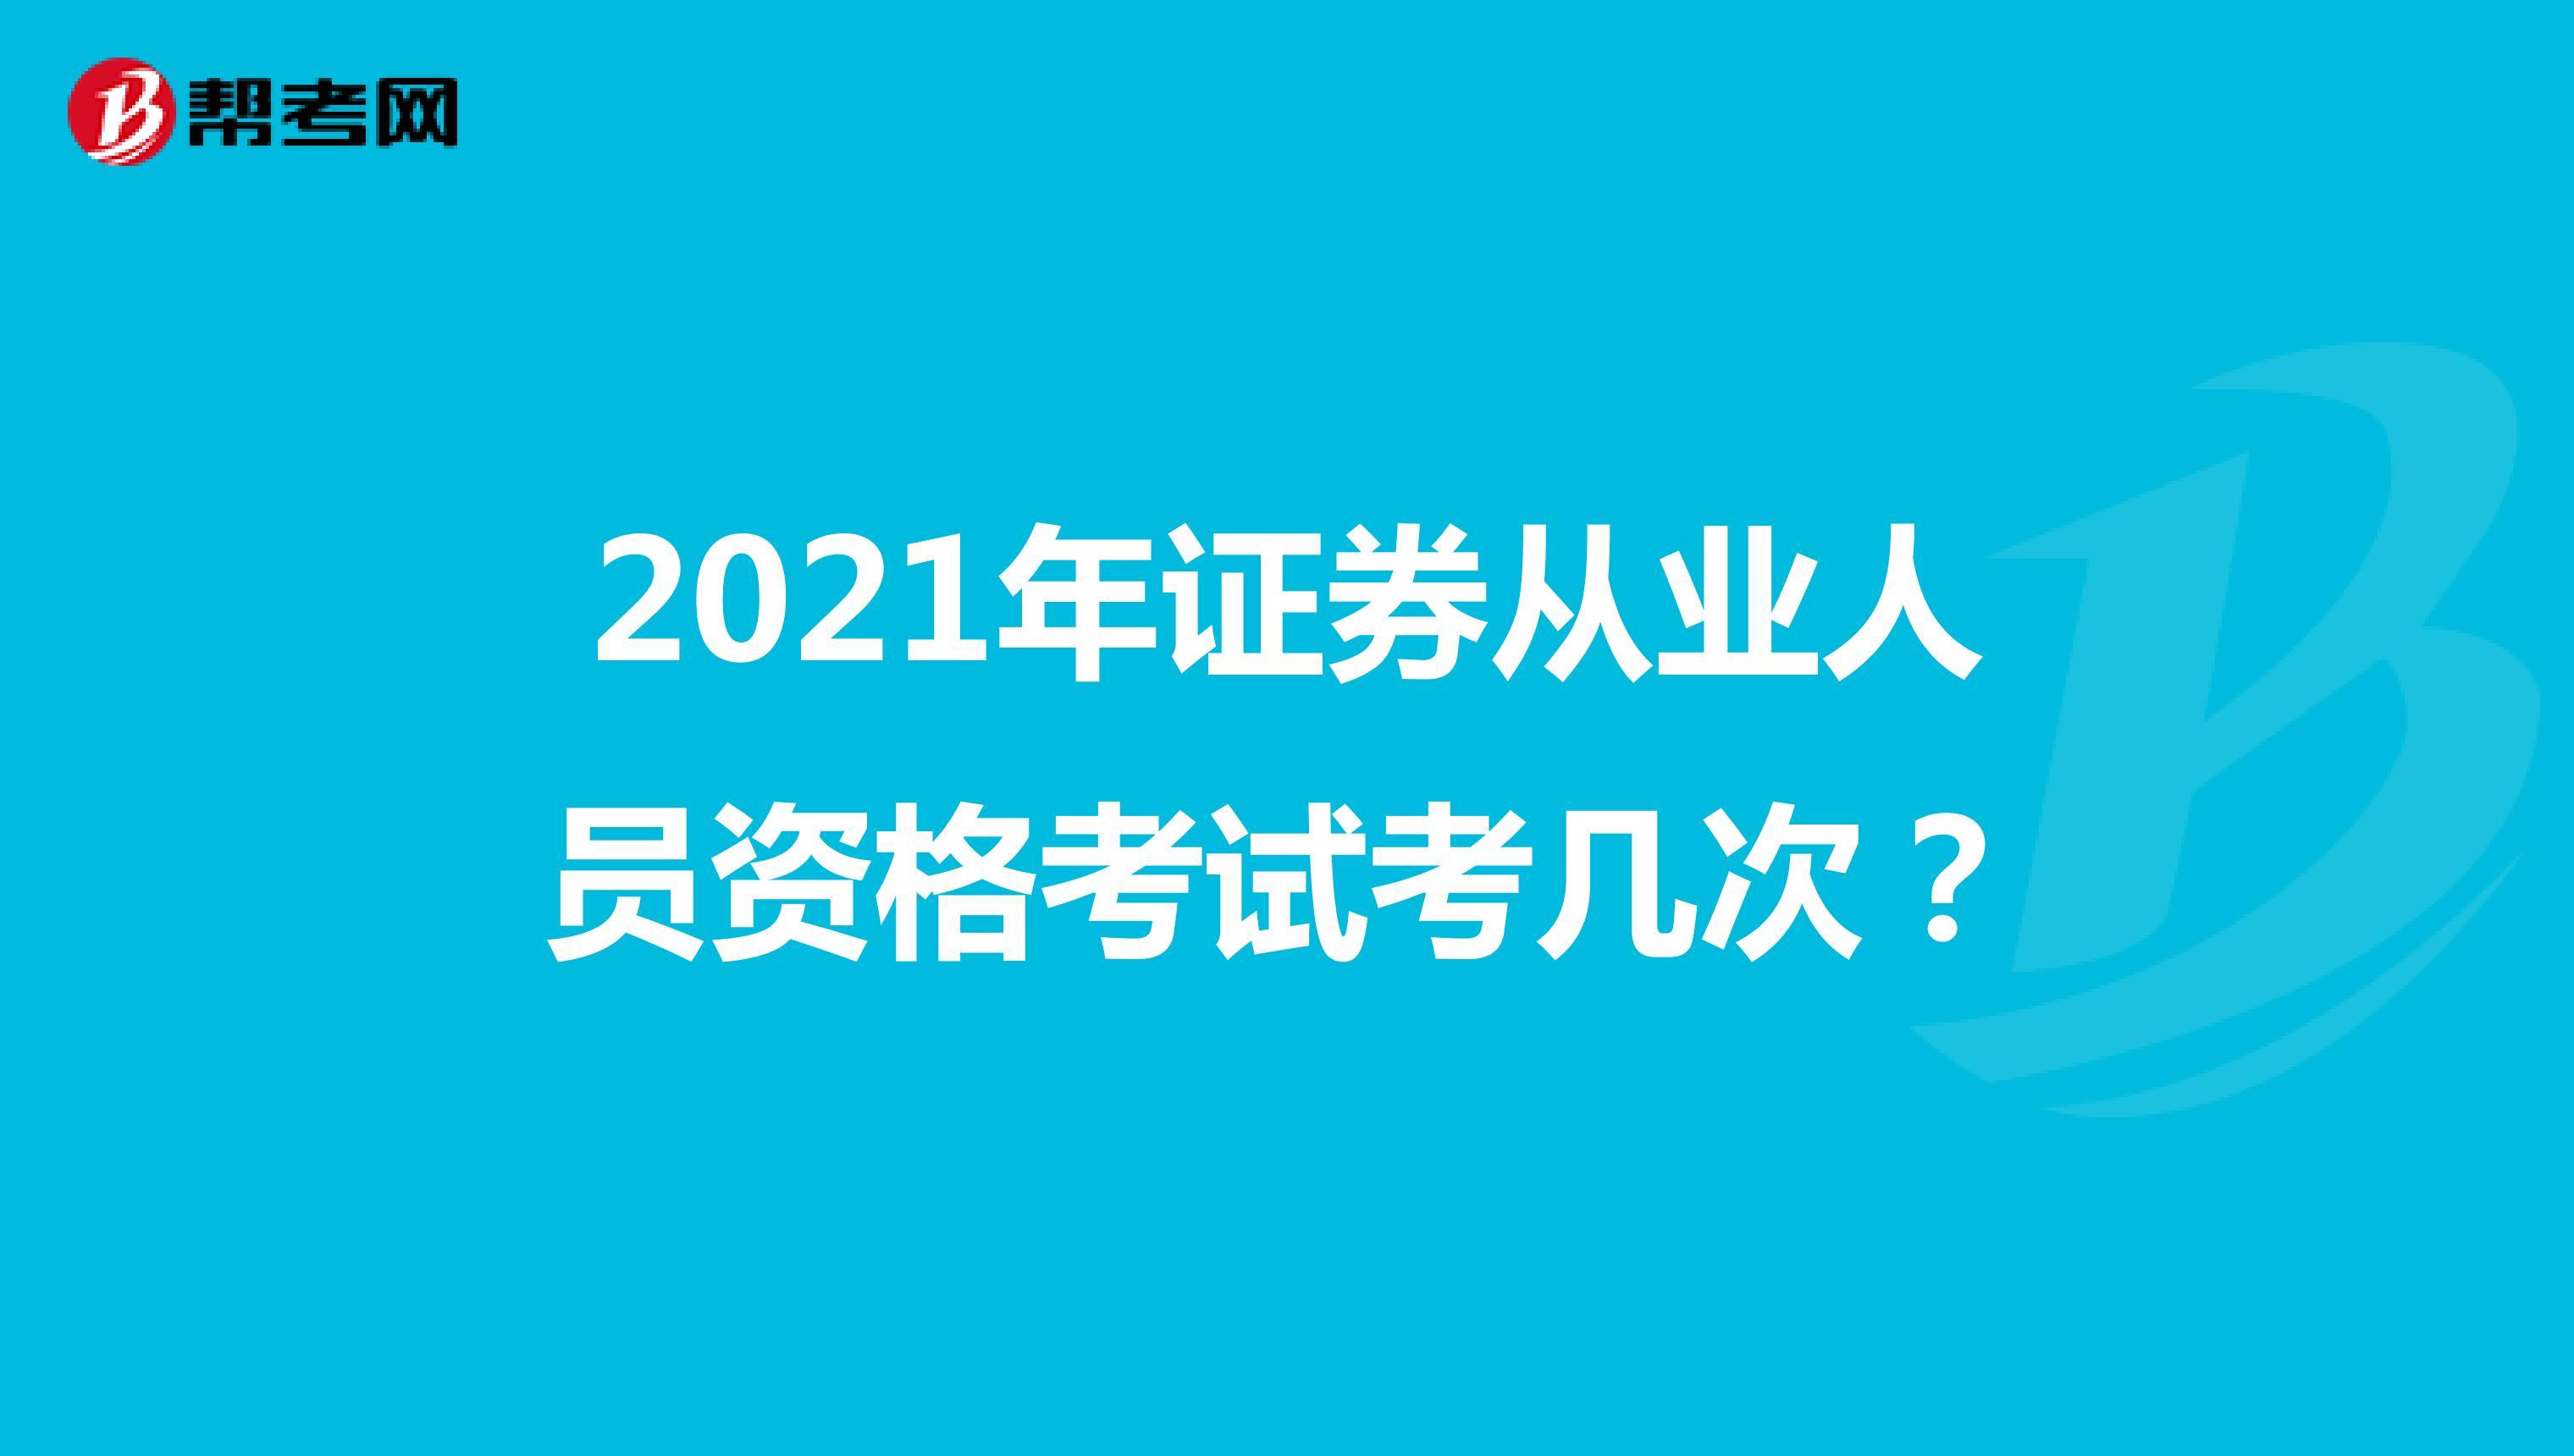 2021年证券从业人员资格考试考几次?